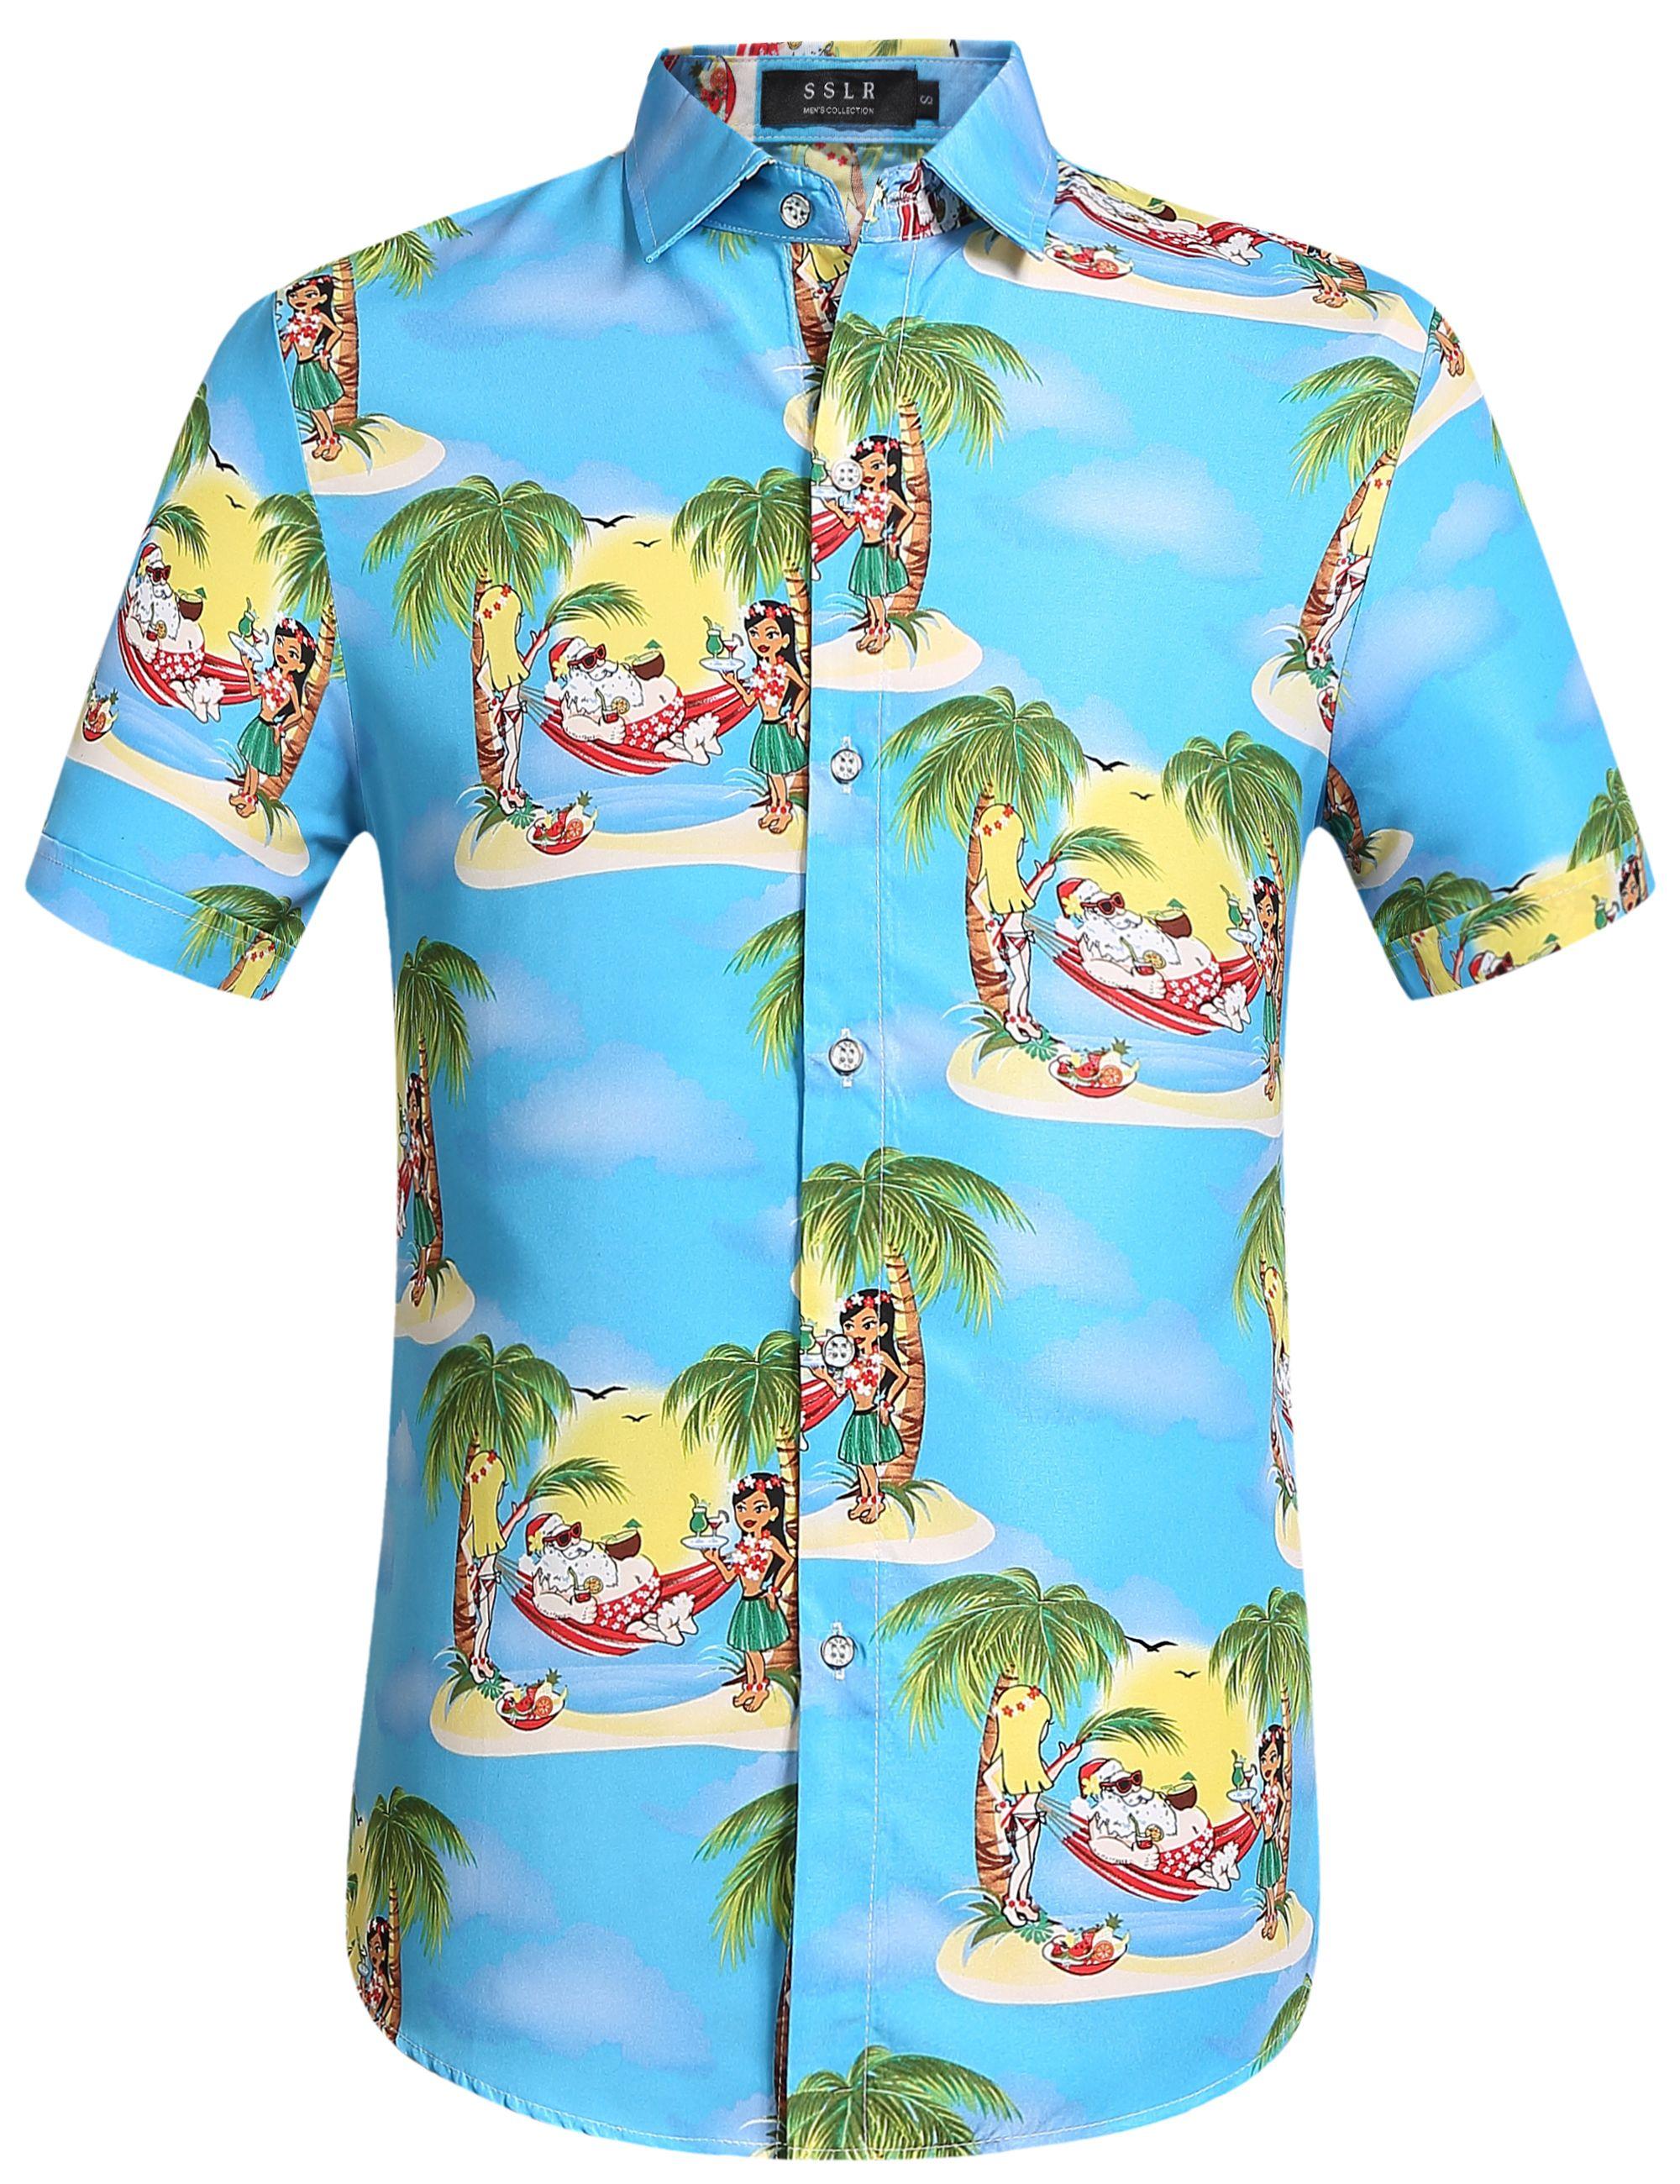 Christmas Hawaiian Shirts.Pure Blue Hawaiian Shirt With Christmas Santa Claus Holiday